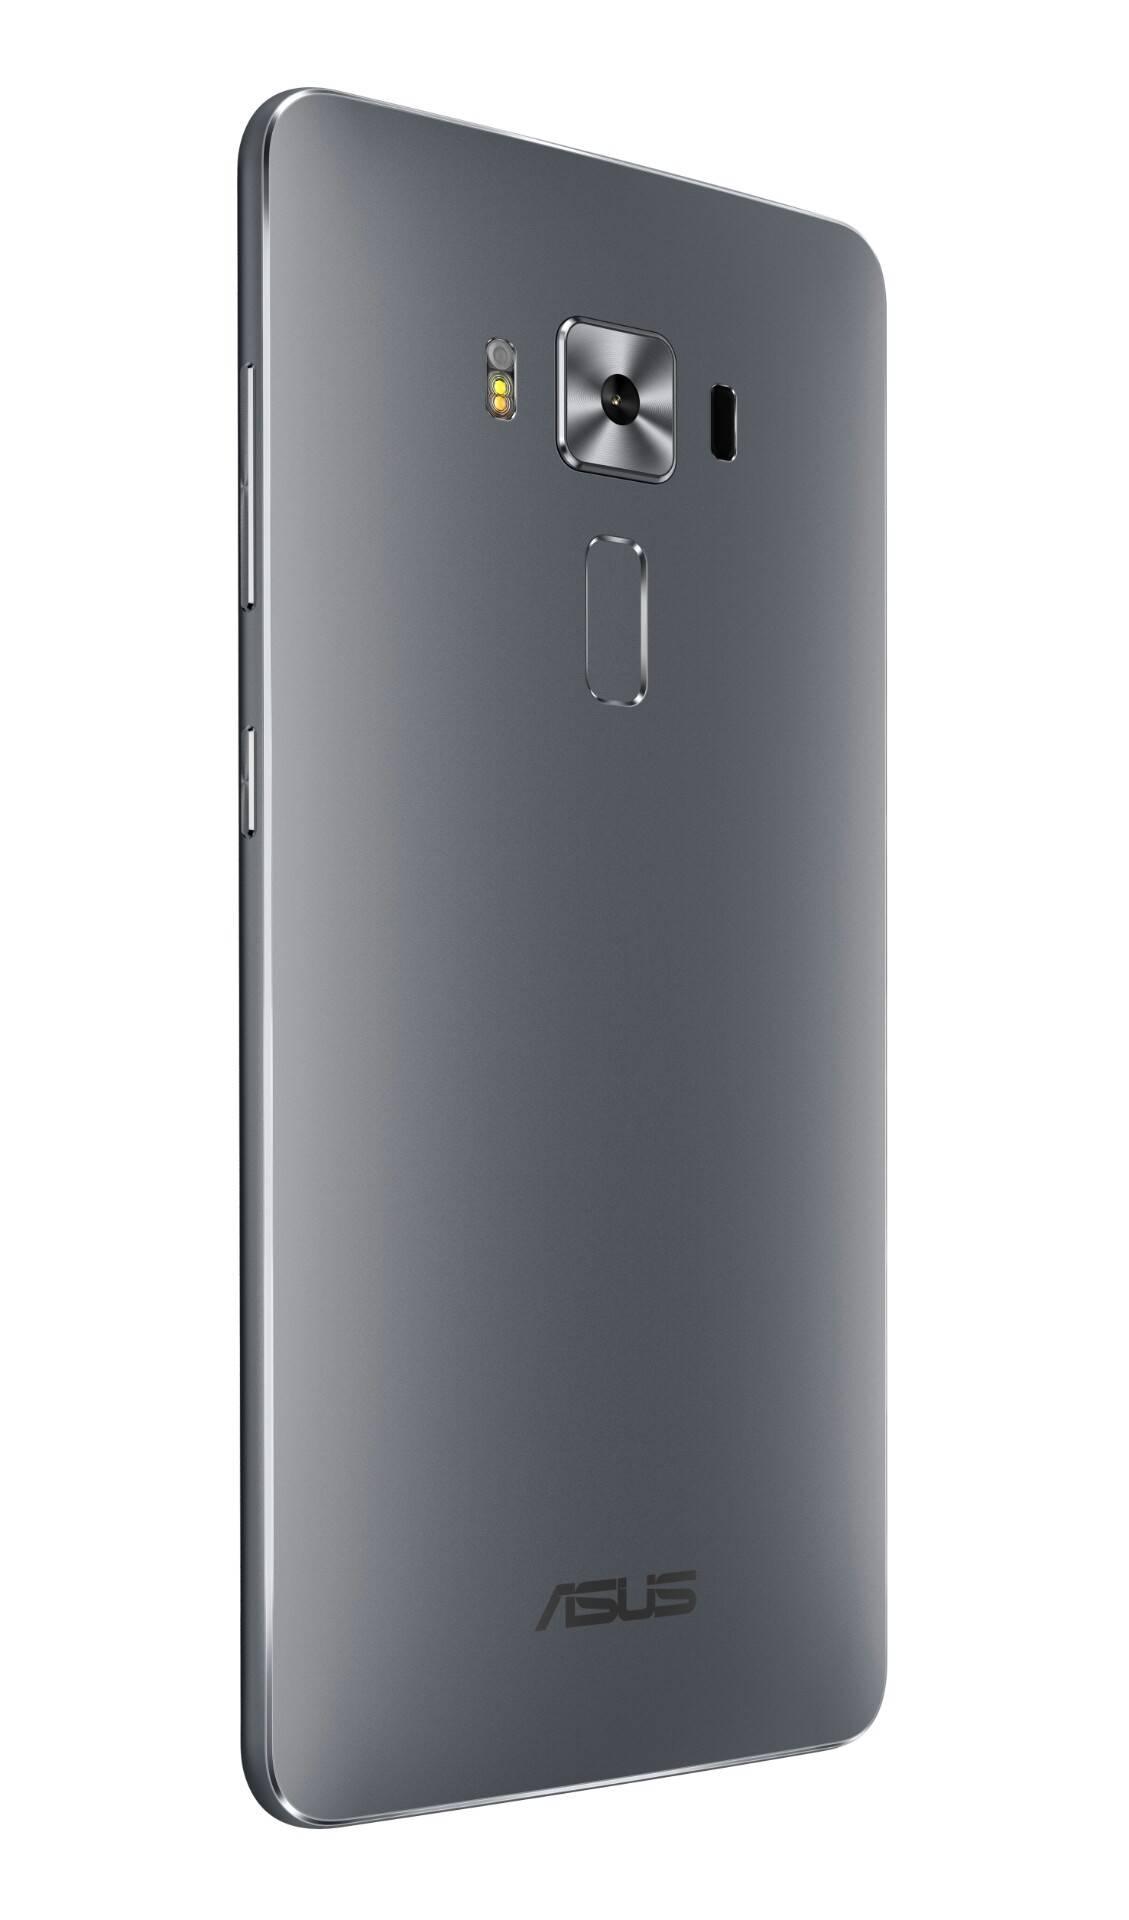 ASUS ZenFone 3, ZenFone 3 Ultra & ZenFone 3 Deluxe Specs ...